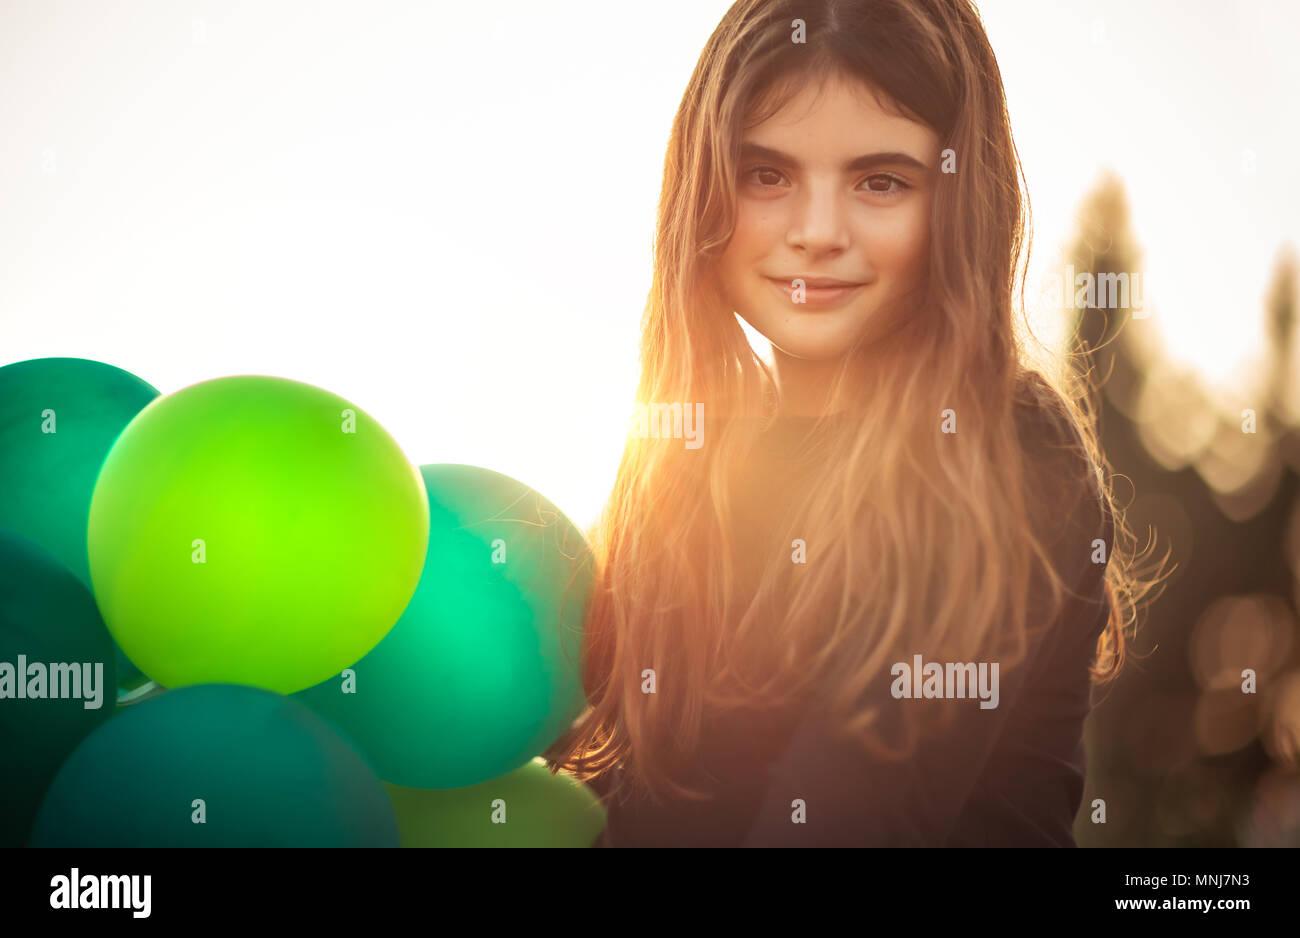 Retrato de una linda chica con globos de aire templado al aire libre en la luz del sol por la noche, celebrando un cumpleaños, vacaciones y divertido concepto Imagen De Stock